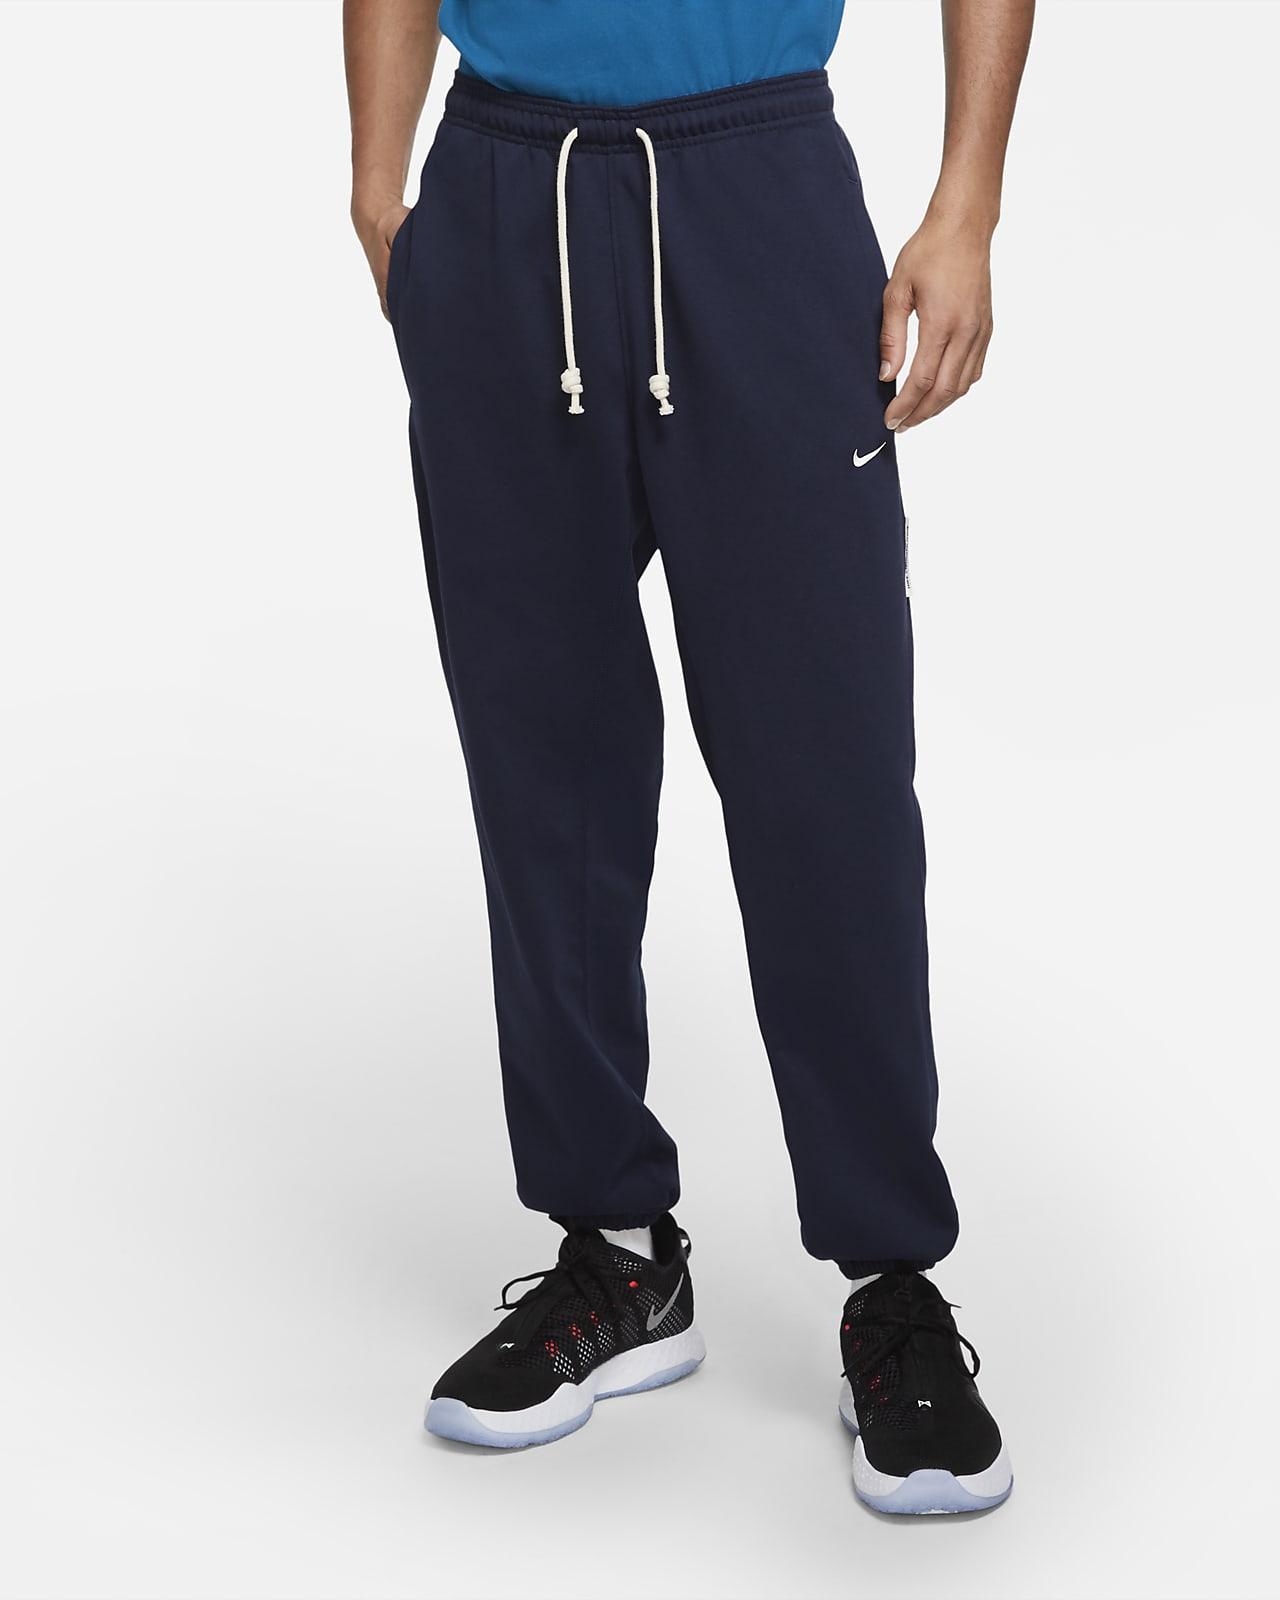 Ανδρικό παντελόνι μπάσκετ Nike Dri-FIT Standard Issue